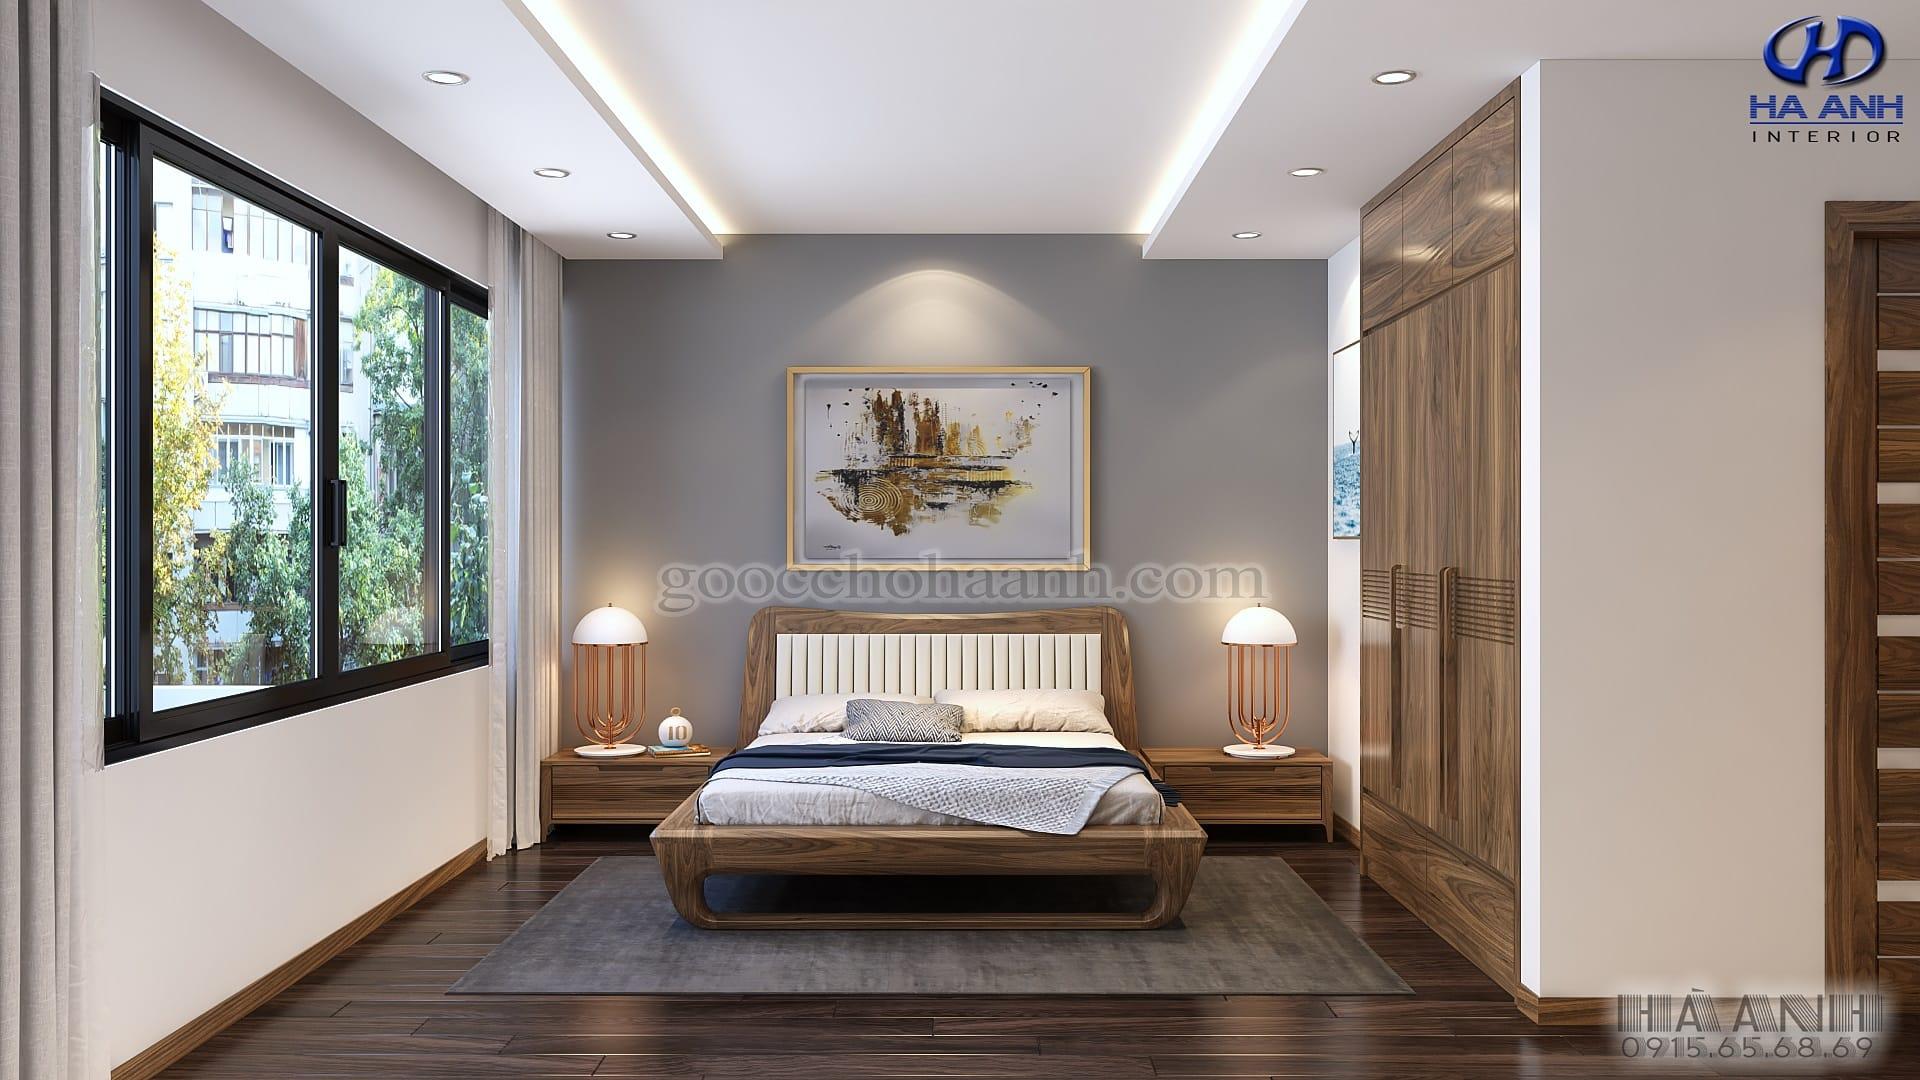 Giường ngủ gỗ óc chó HN 6019 mẫu 2